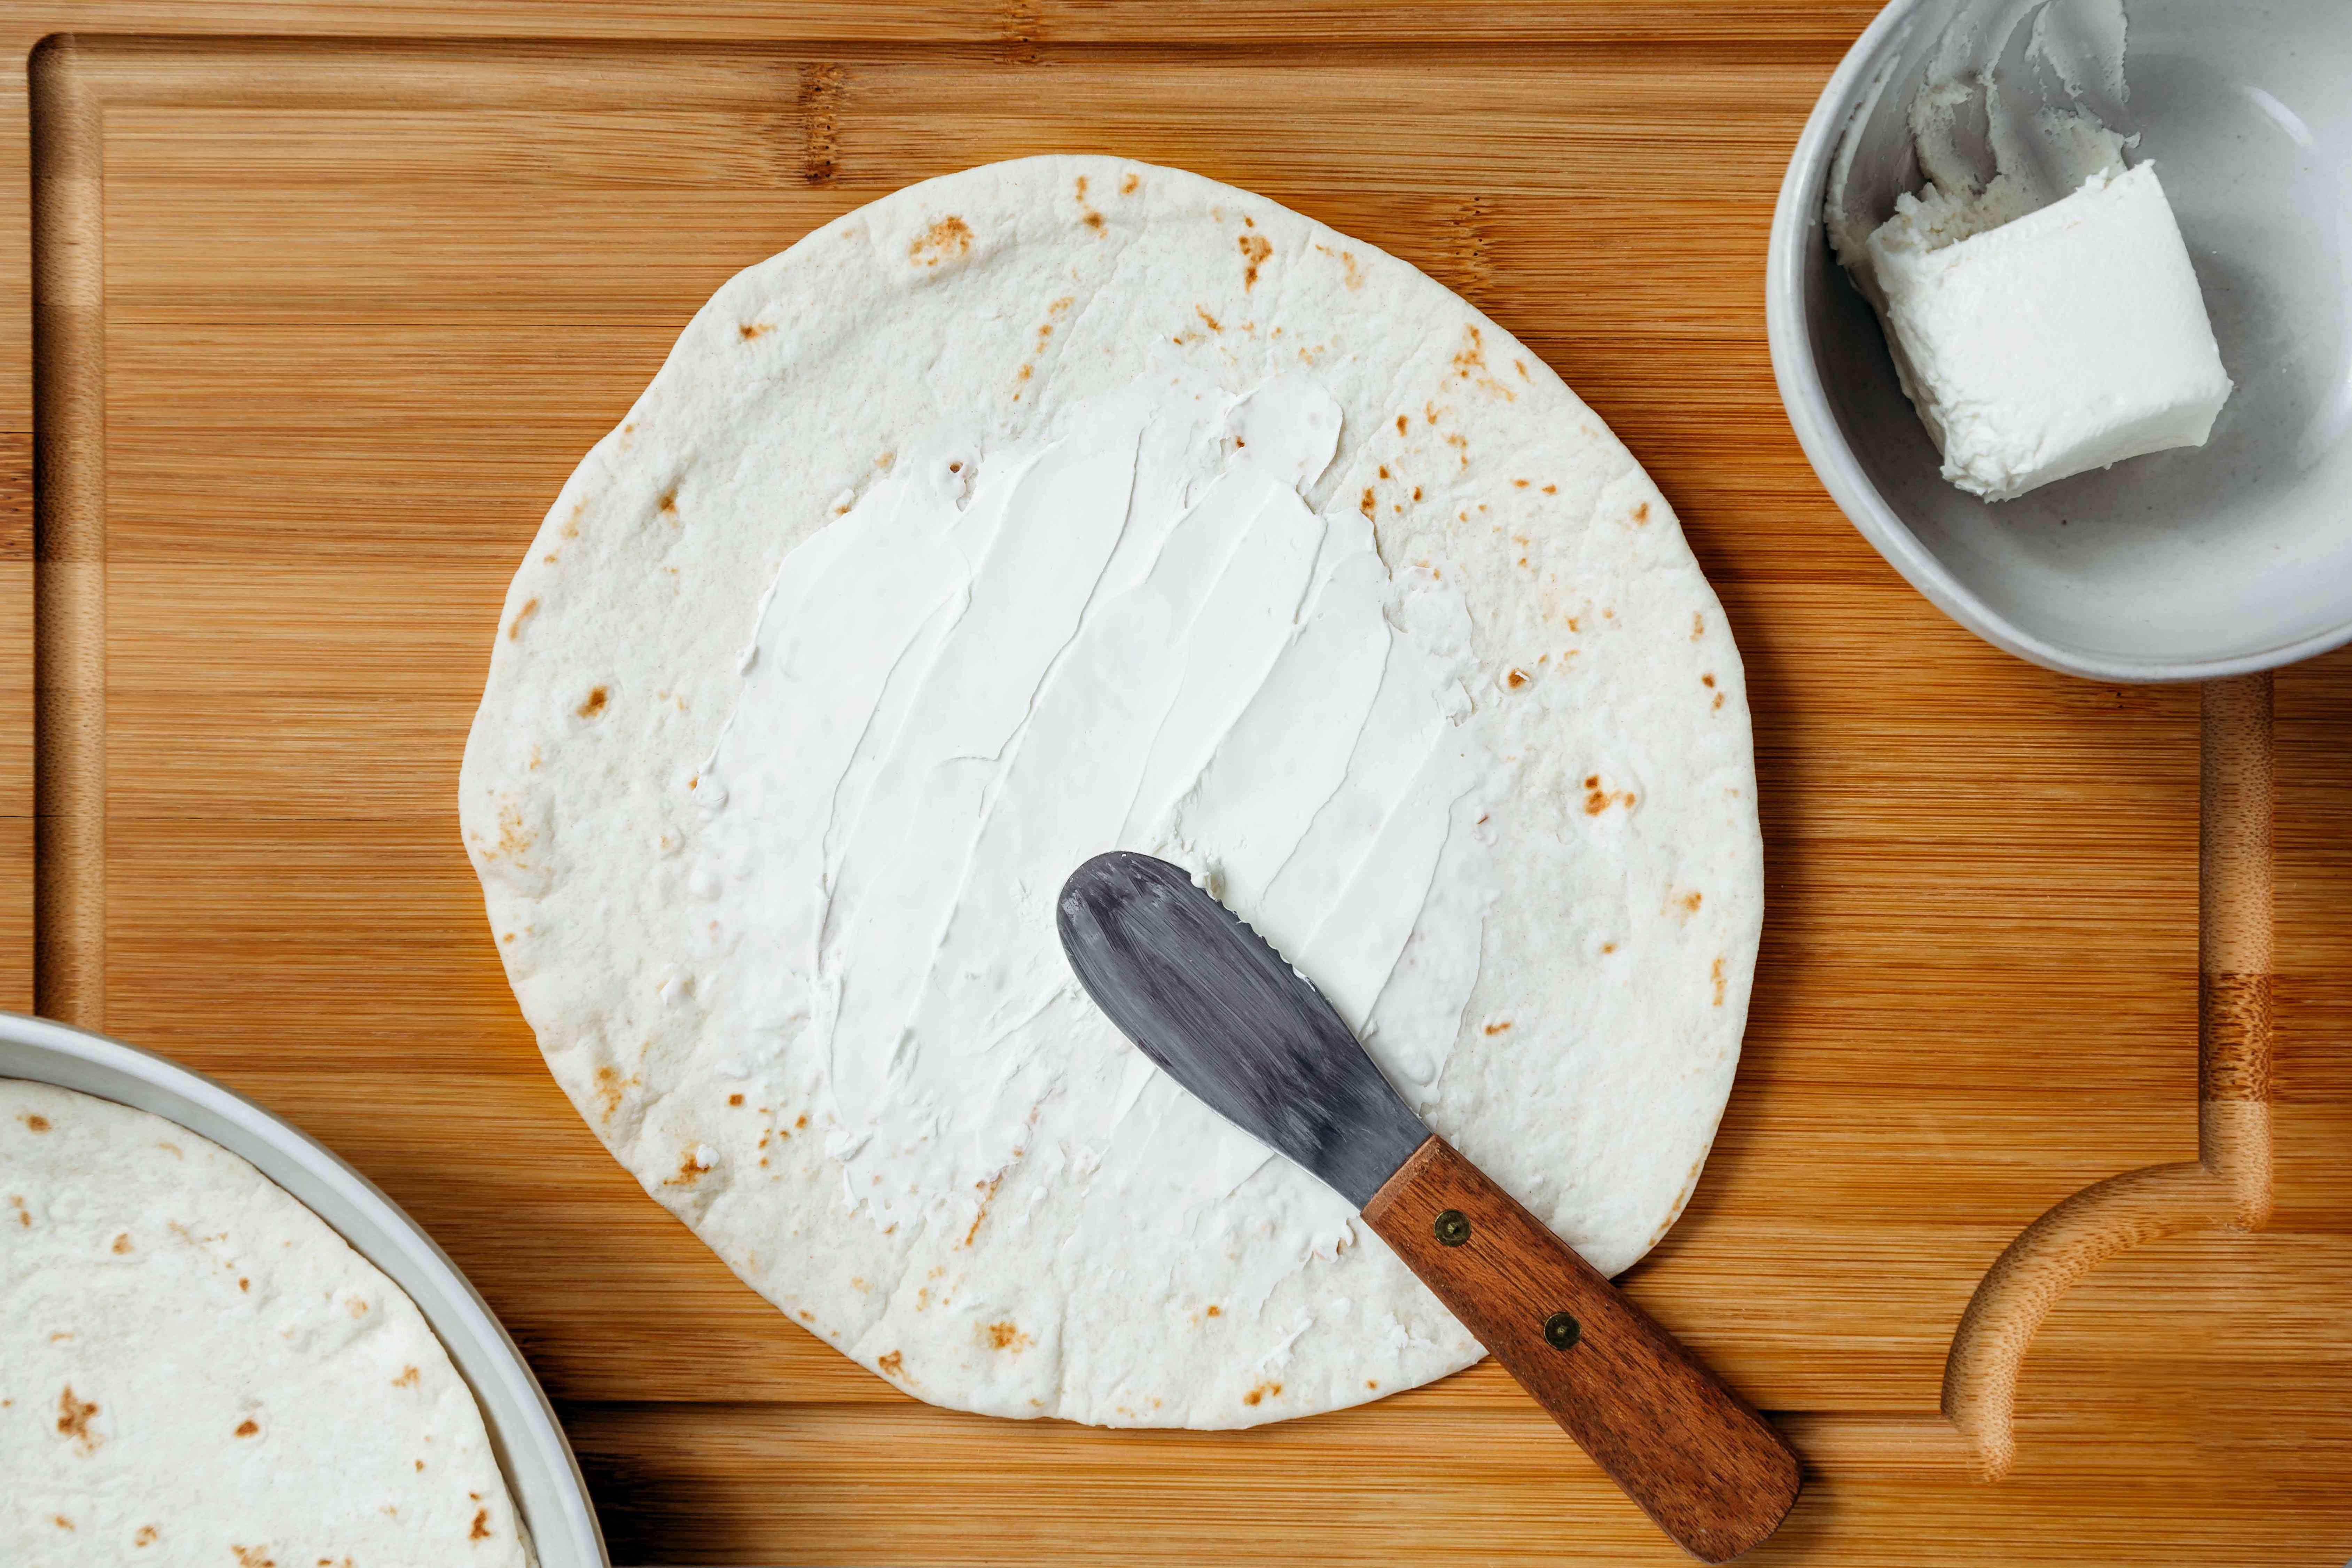 Cream cheese spread on a flour tortilla